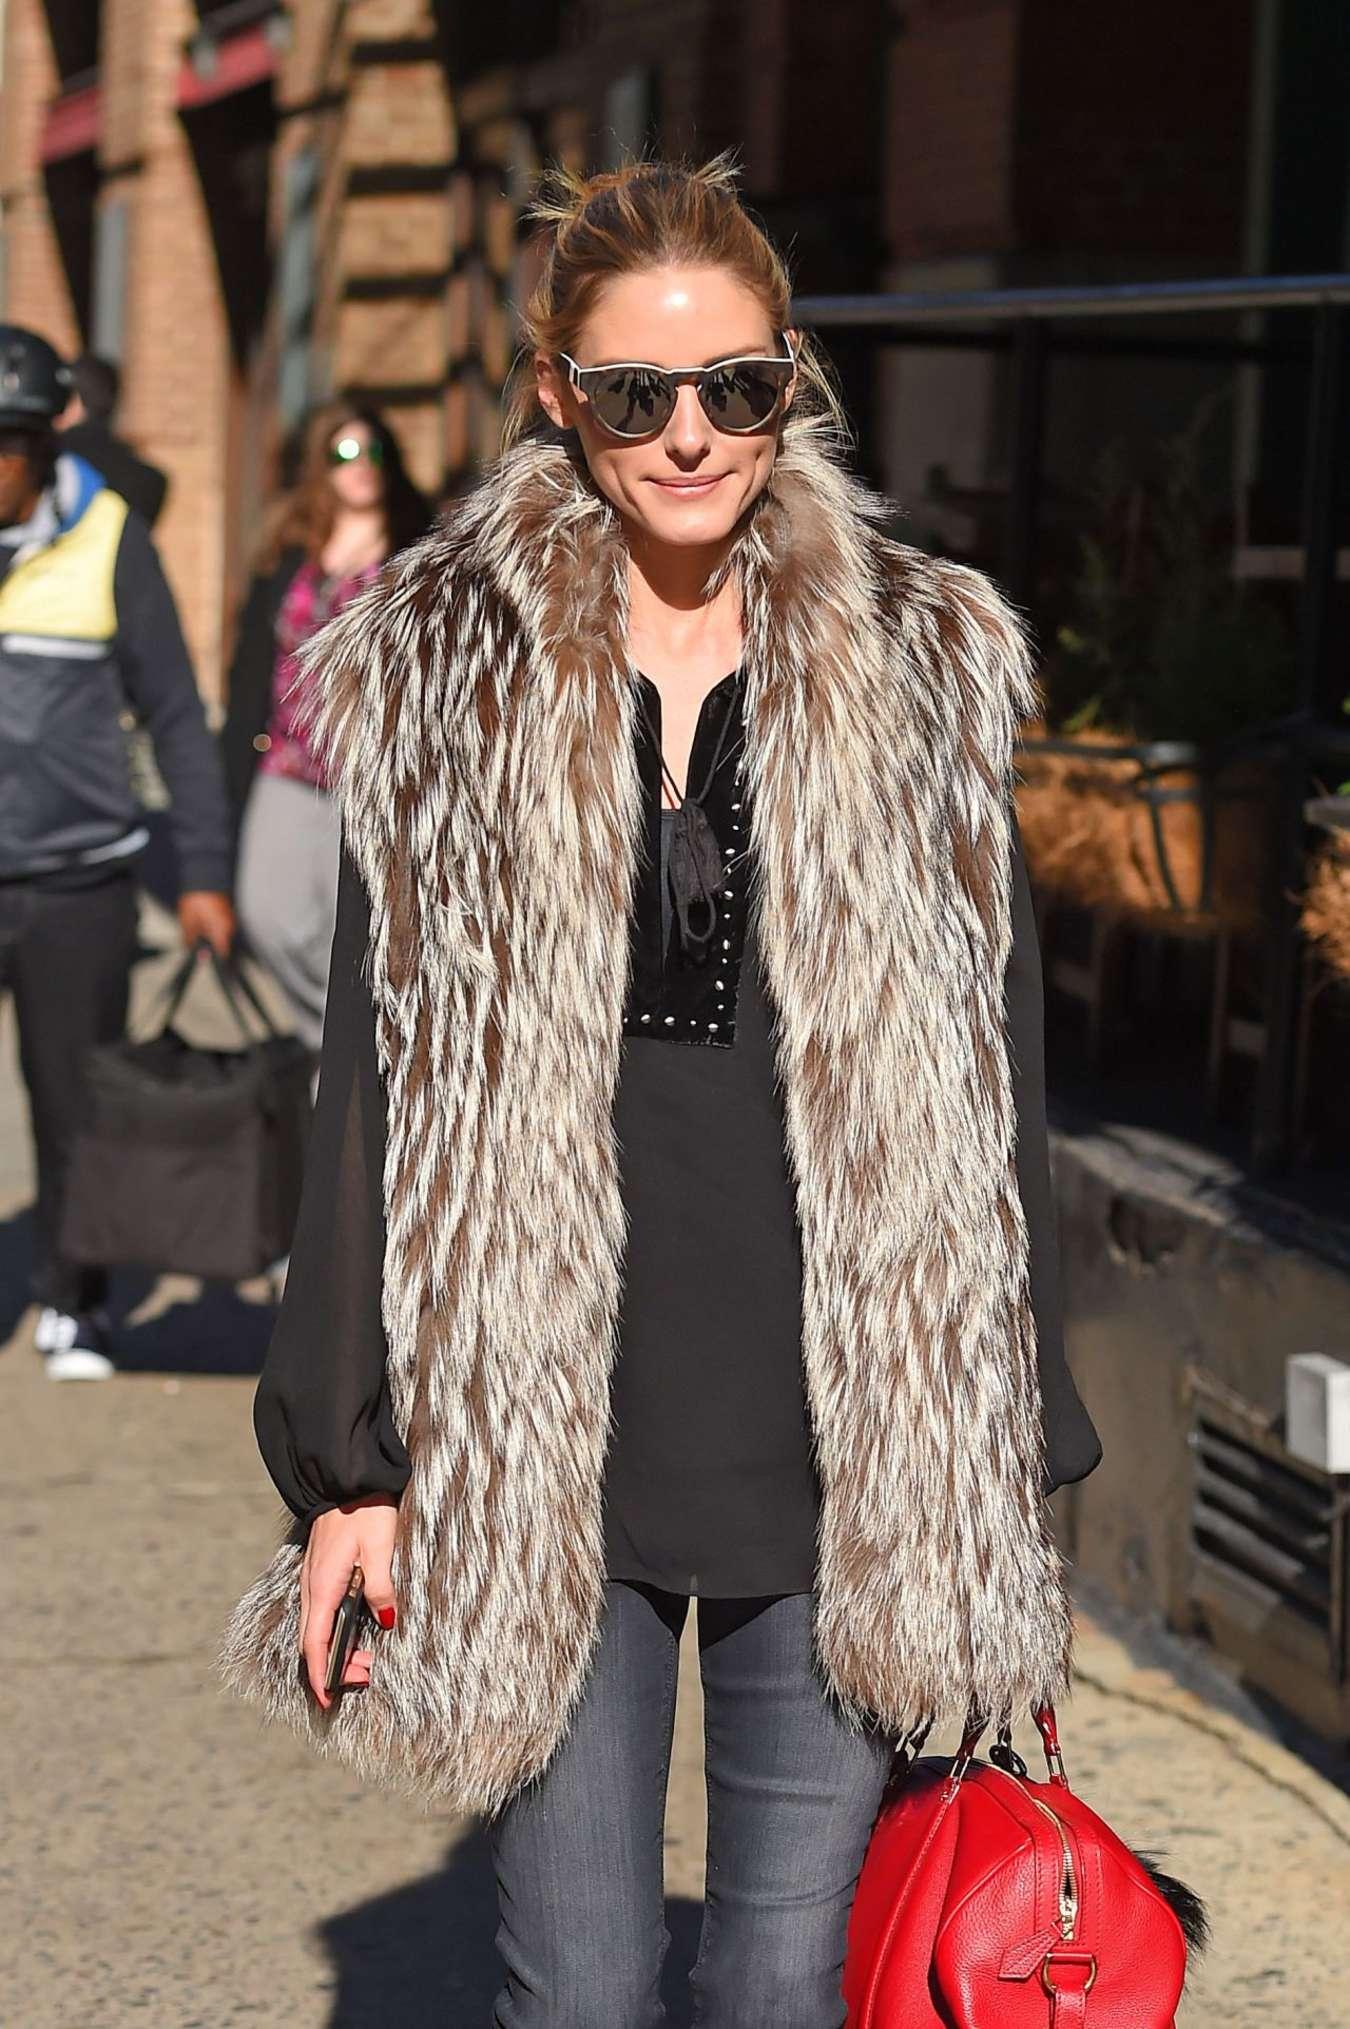 Olivia Palermo in Fur Coat at Tribeca in New York City